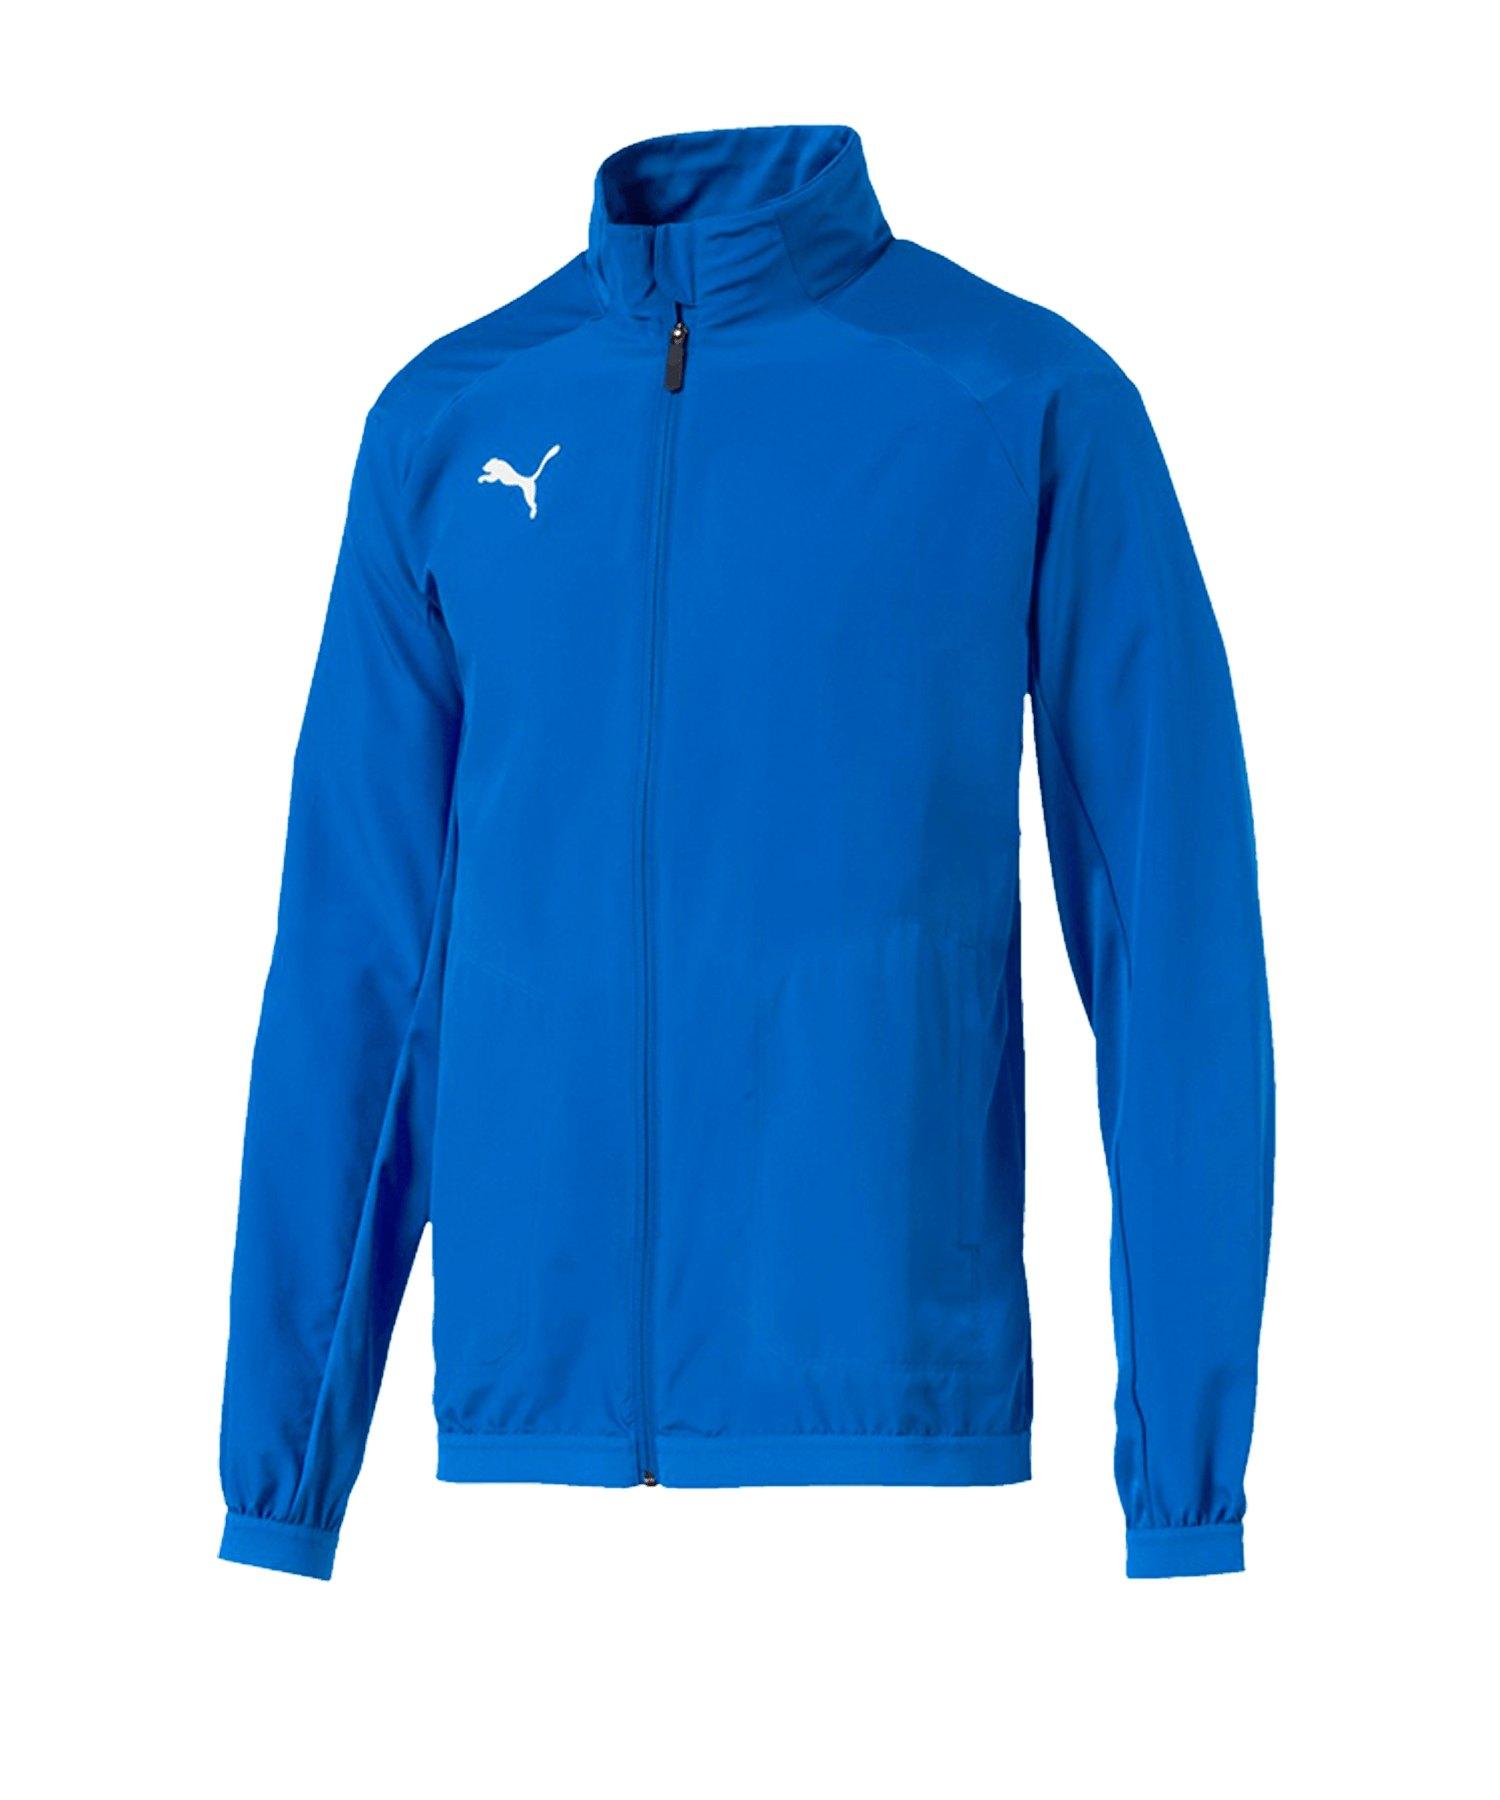 PUMA LIGA Sideline Jacket Jacke Blau F02 - blau